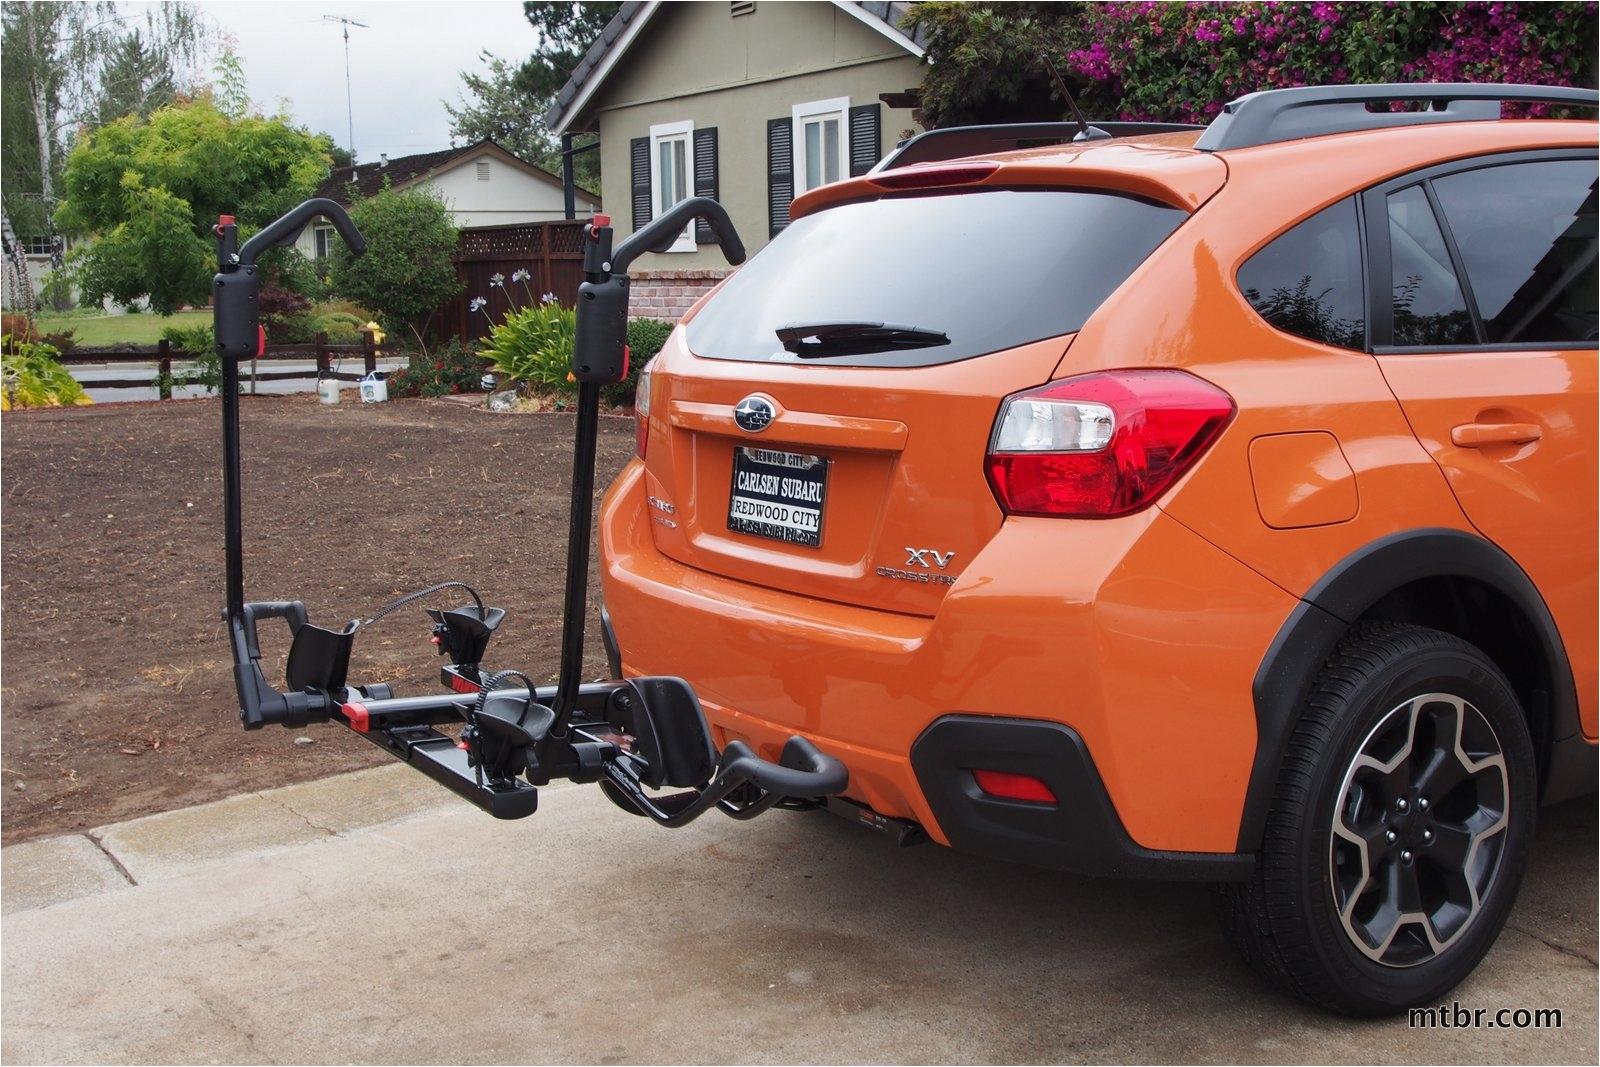 Subaru Crosstrek Hitch >> Tow Hitch Bike Rack Subaru Crosstrek Review Subaru Xv